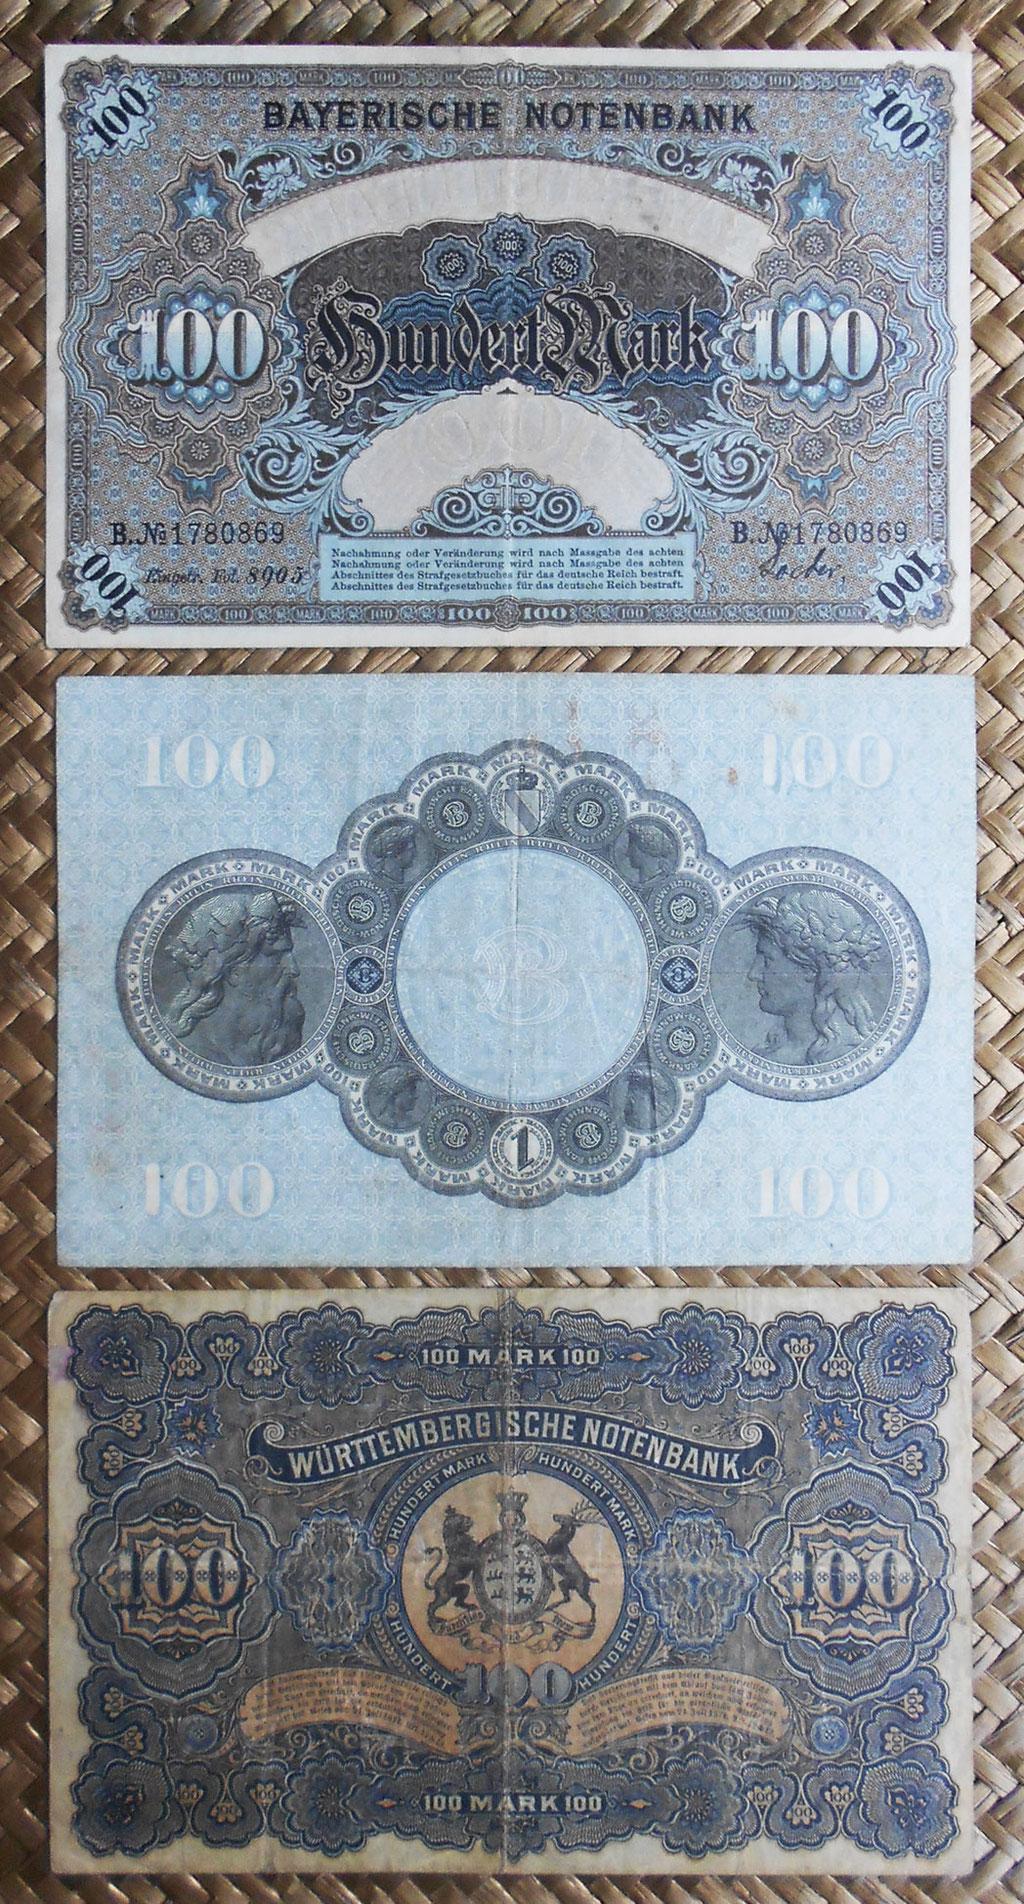 Alemania 100 mark 1900-1907-1911 Bayerische-Badische-Wurttemberg Notenbank reversos